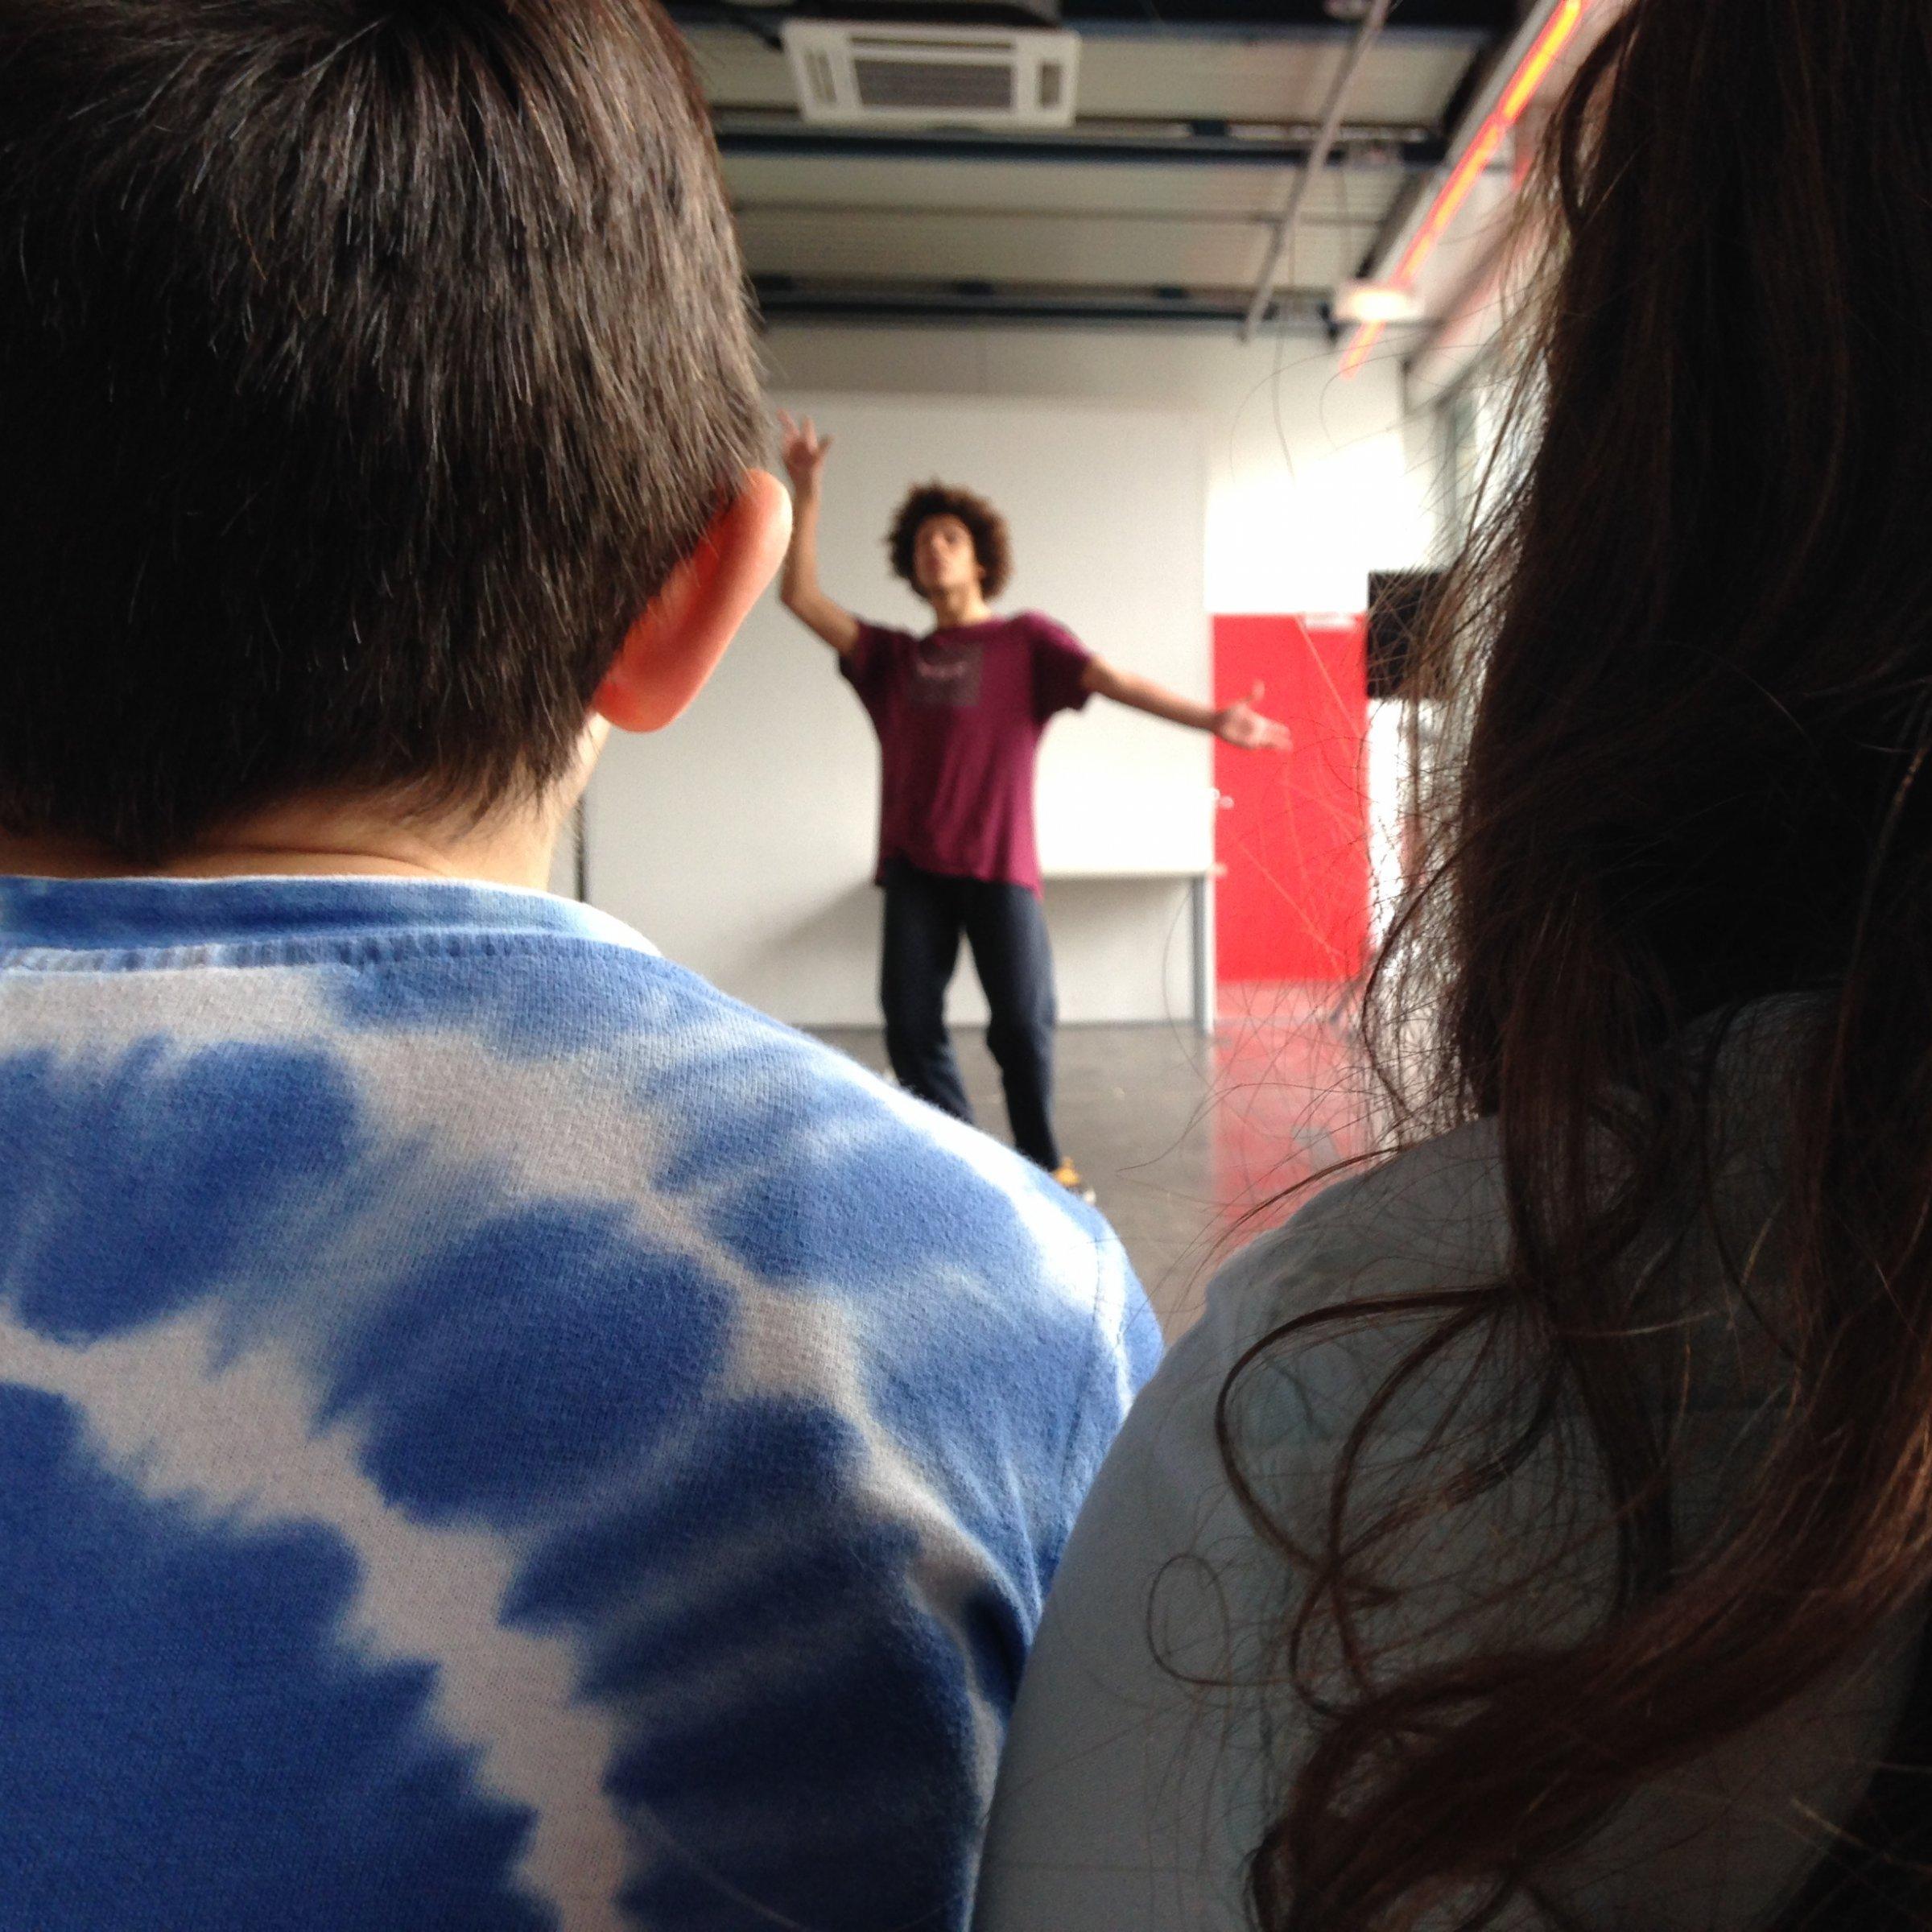 Das Bild zeigt im Vordergrund zwei Kinder, einen Jungen und ein Mädchen, zwischen denen hindurchfotografiert undeutlich zu sehen ist, was sie als Zuschauer*in bestaunen: einen Jugendlichen, der sich gerade auf einer improvisierten Bühne bewegt.